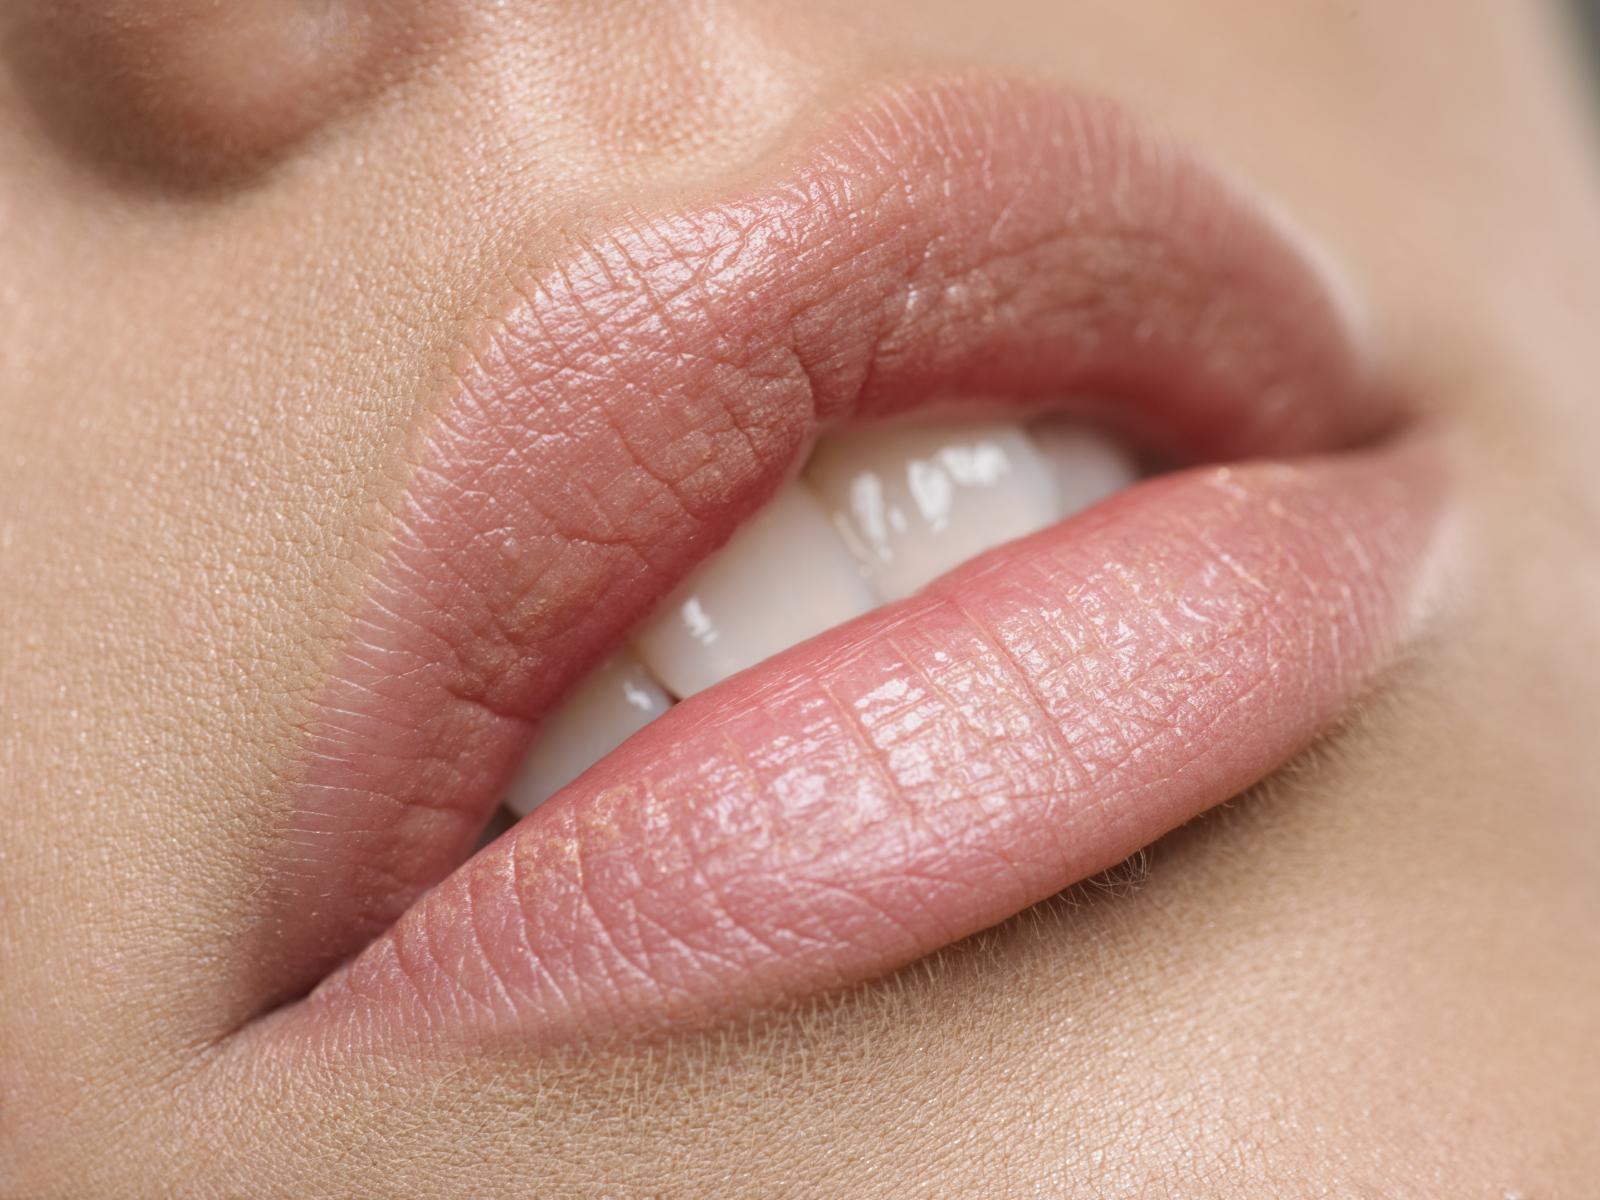 вернуться красивые женские губки фото зависимости вида